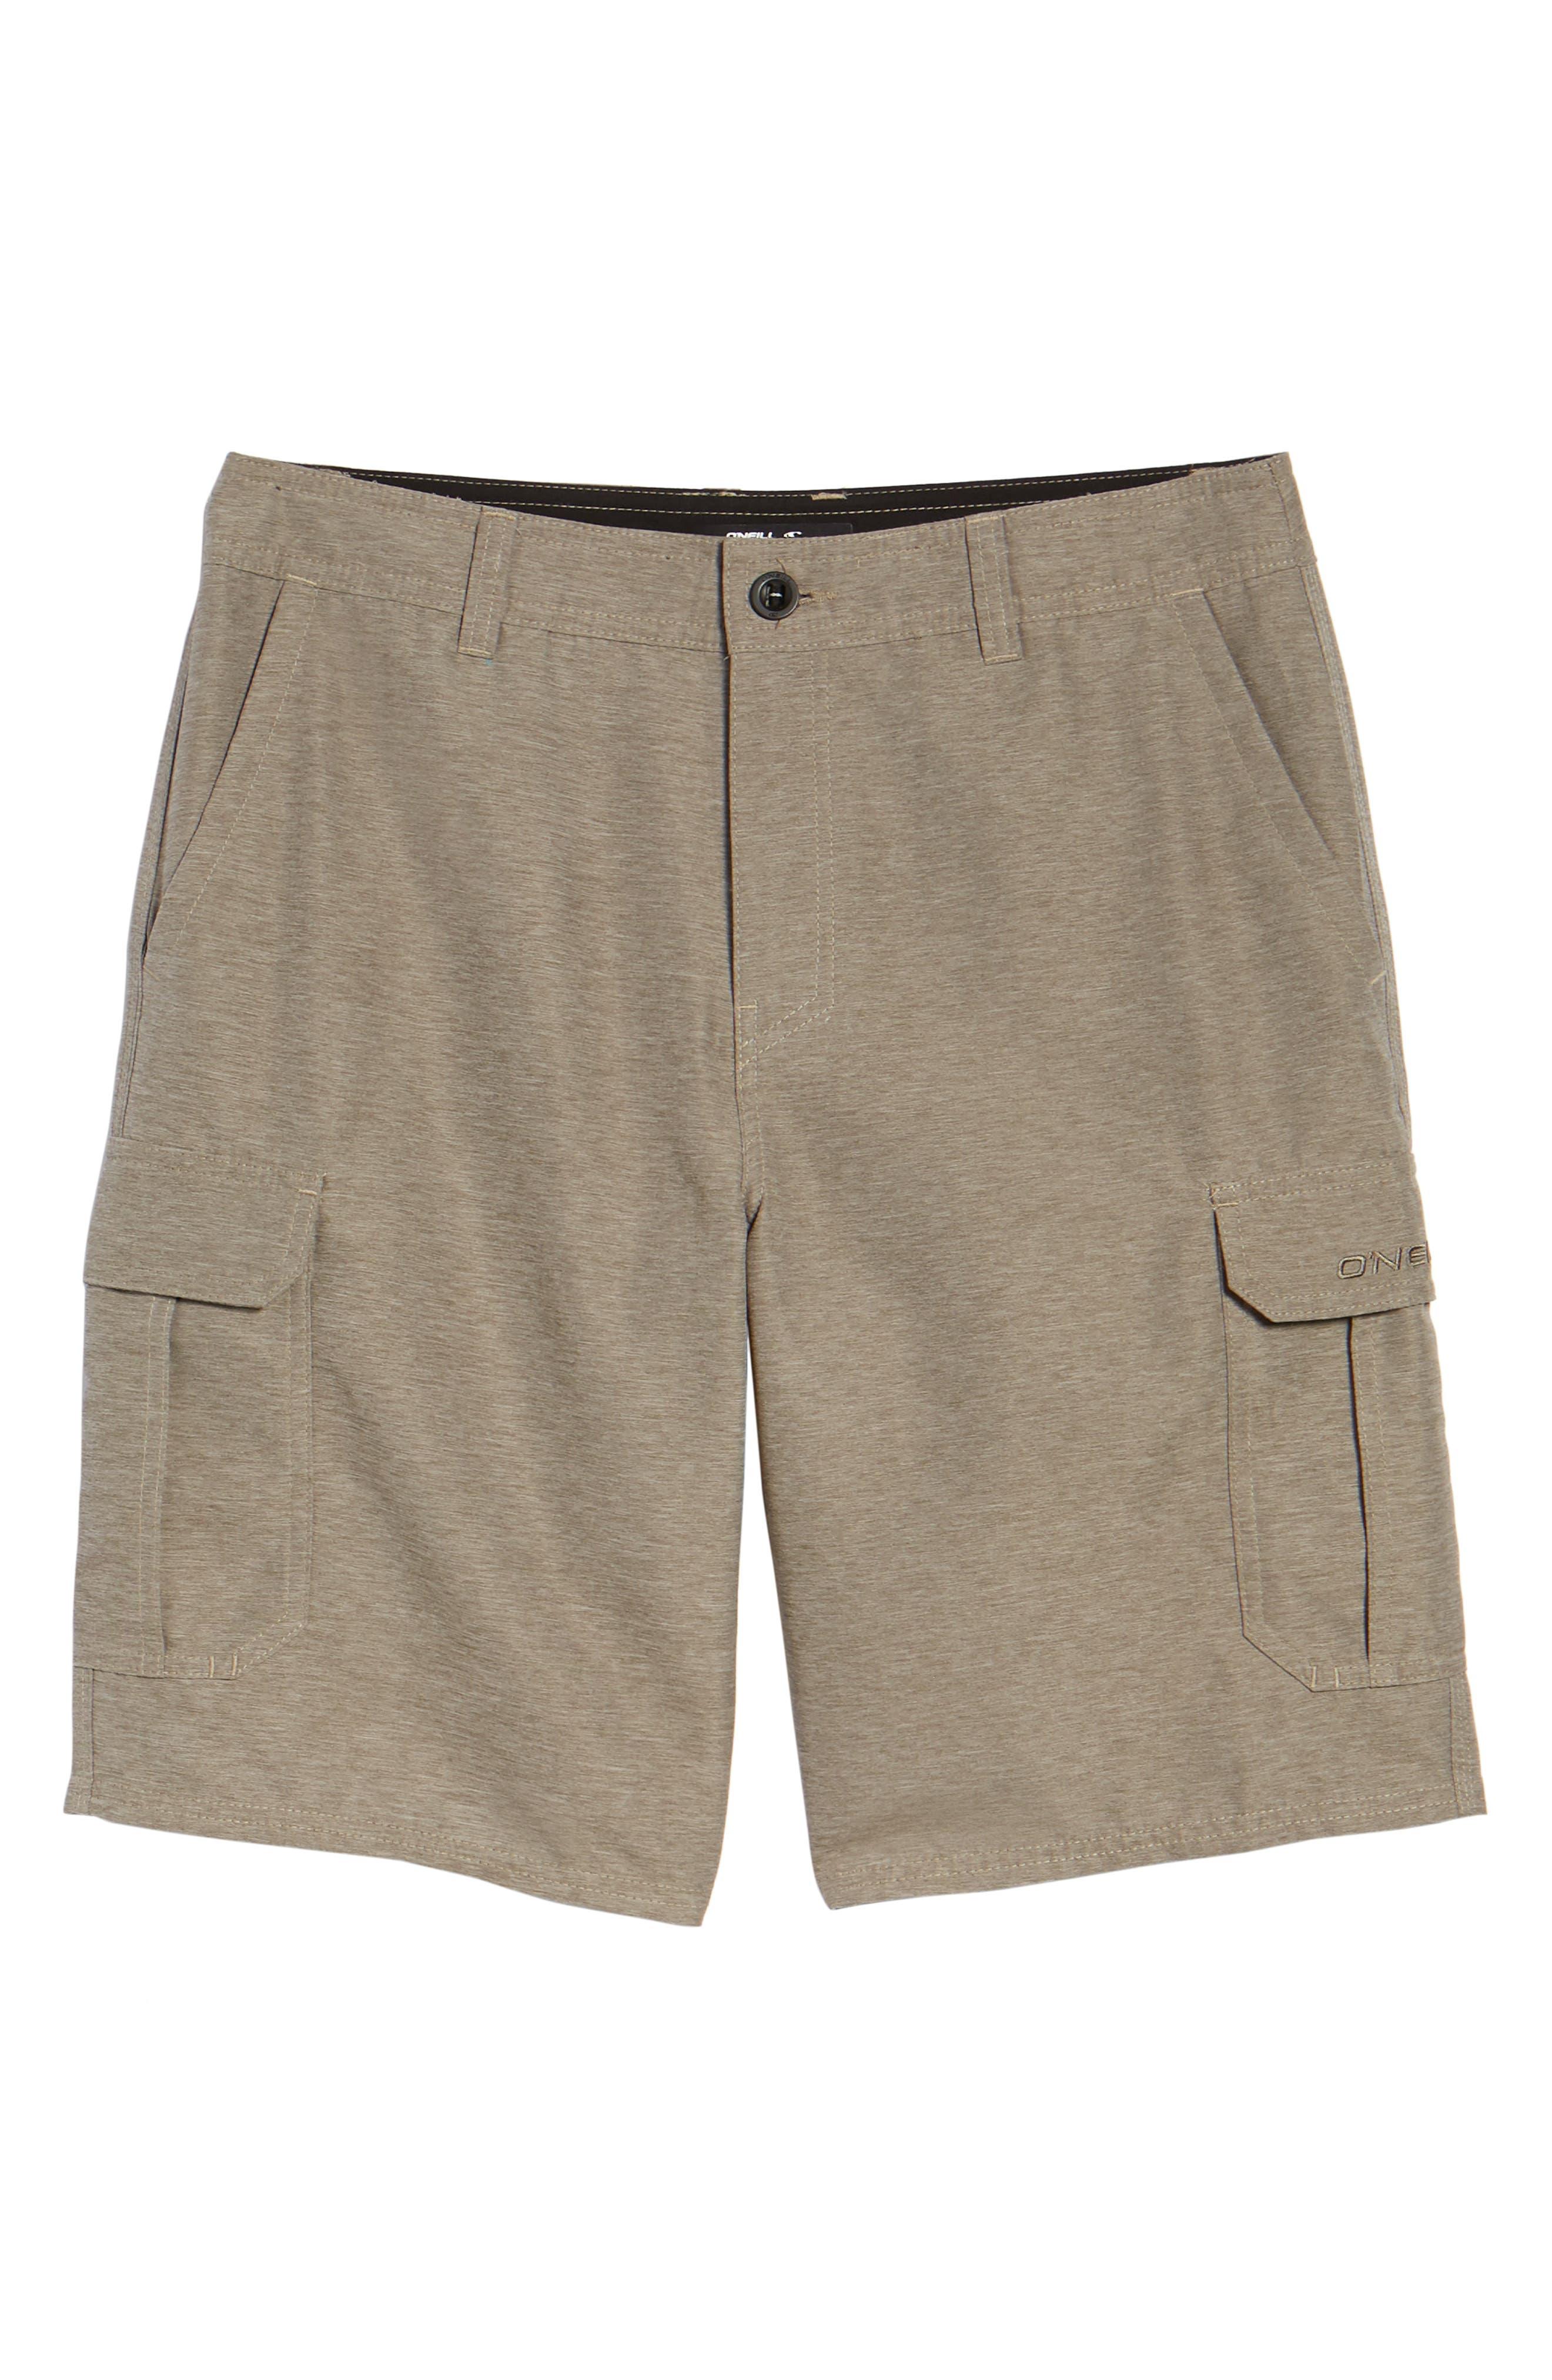 Ranger Cargo Hybrid Shorts,                             Alternate thumbnail 18, color,